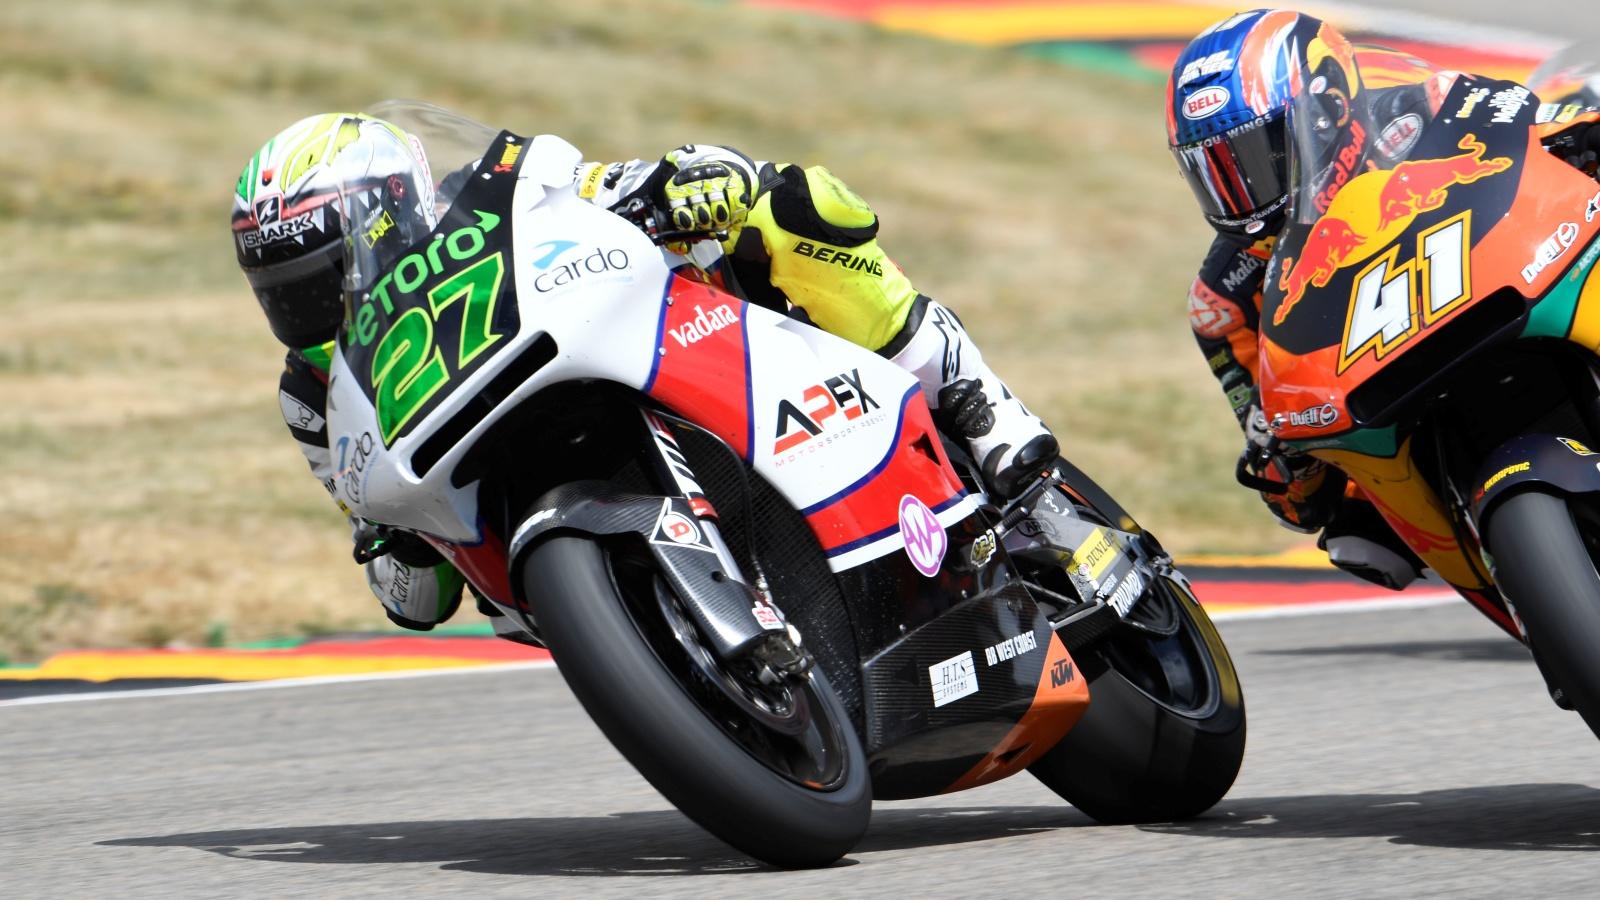 Iker Lecuona dará el salto a MotoGP en 2020 con el Red Bull KTM Tech 3